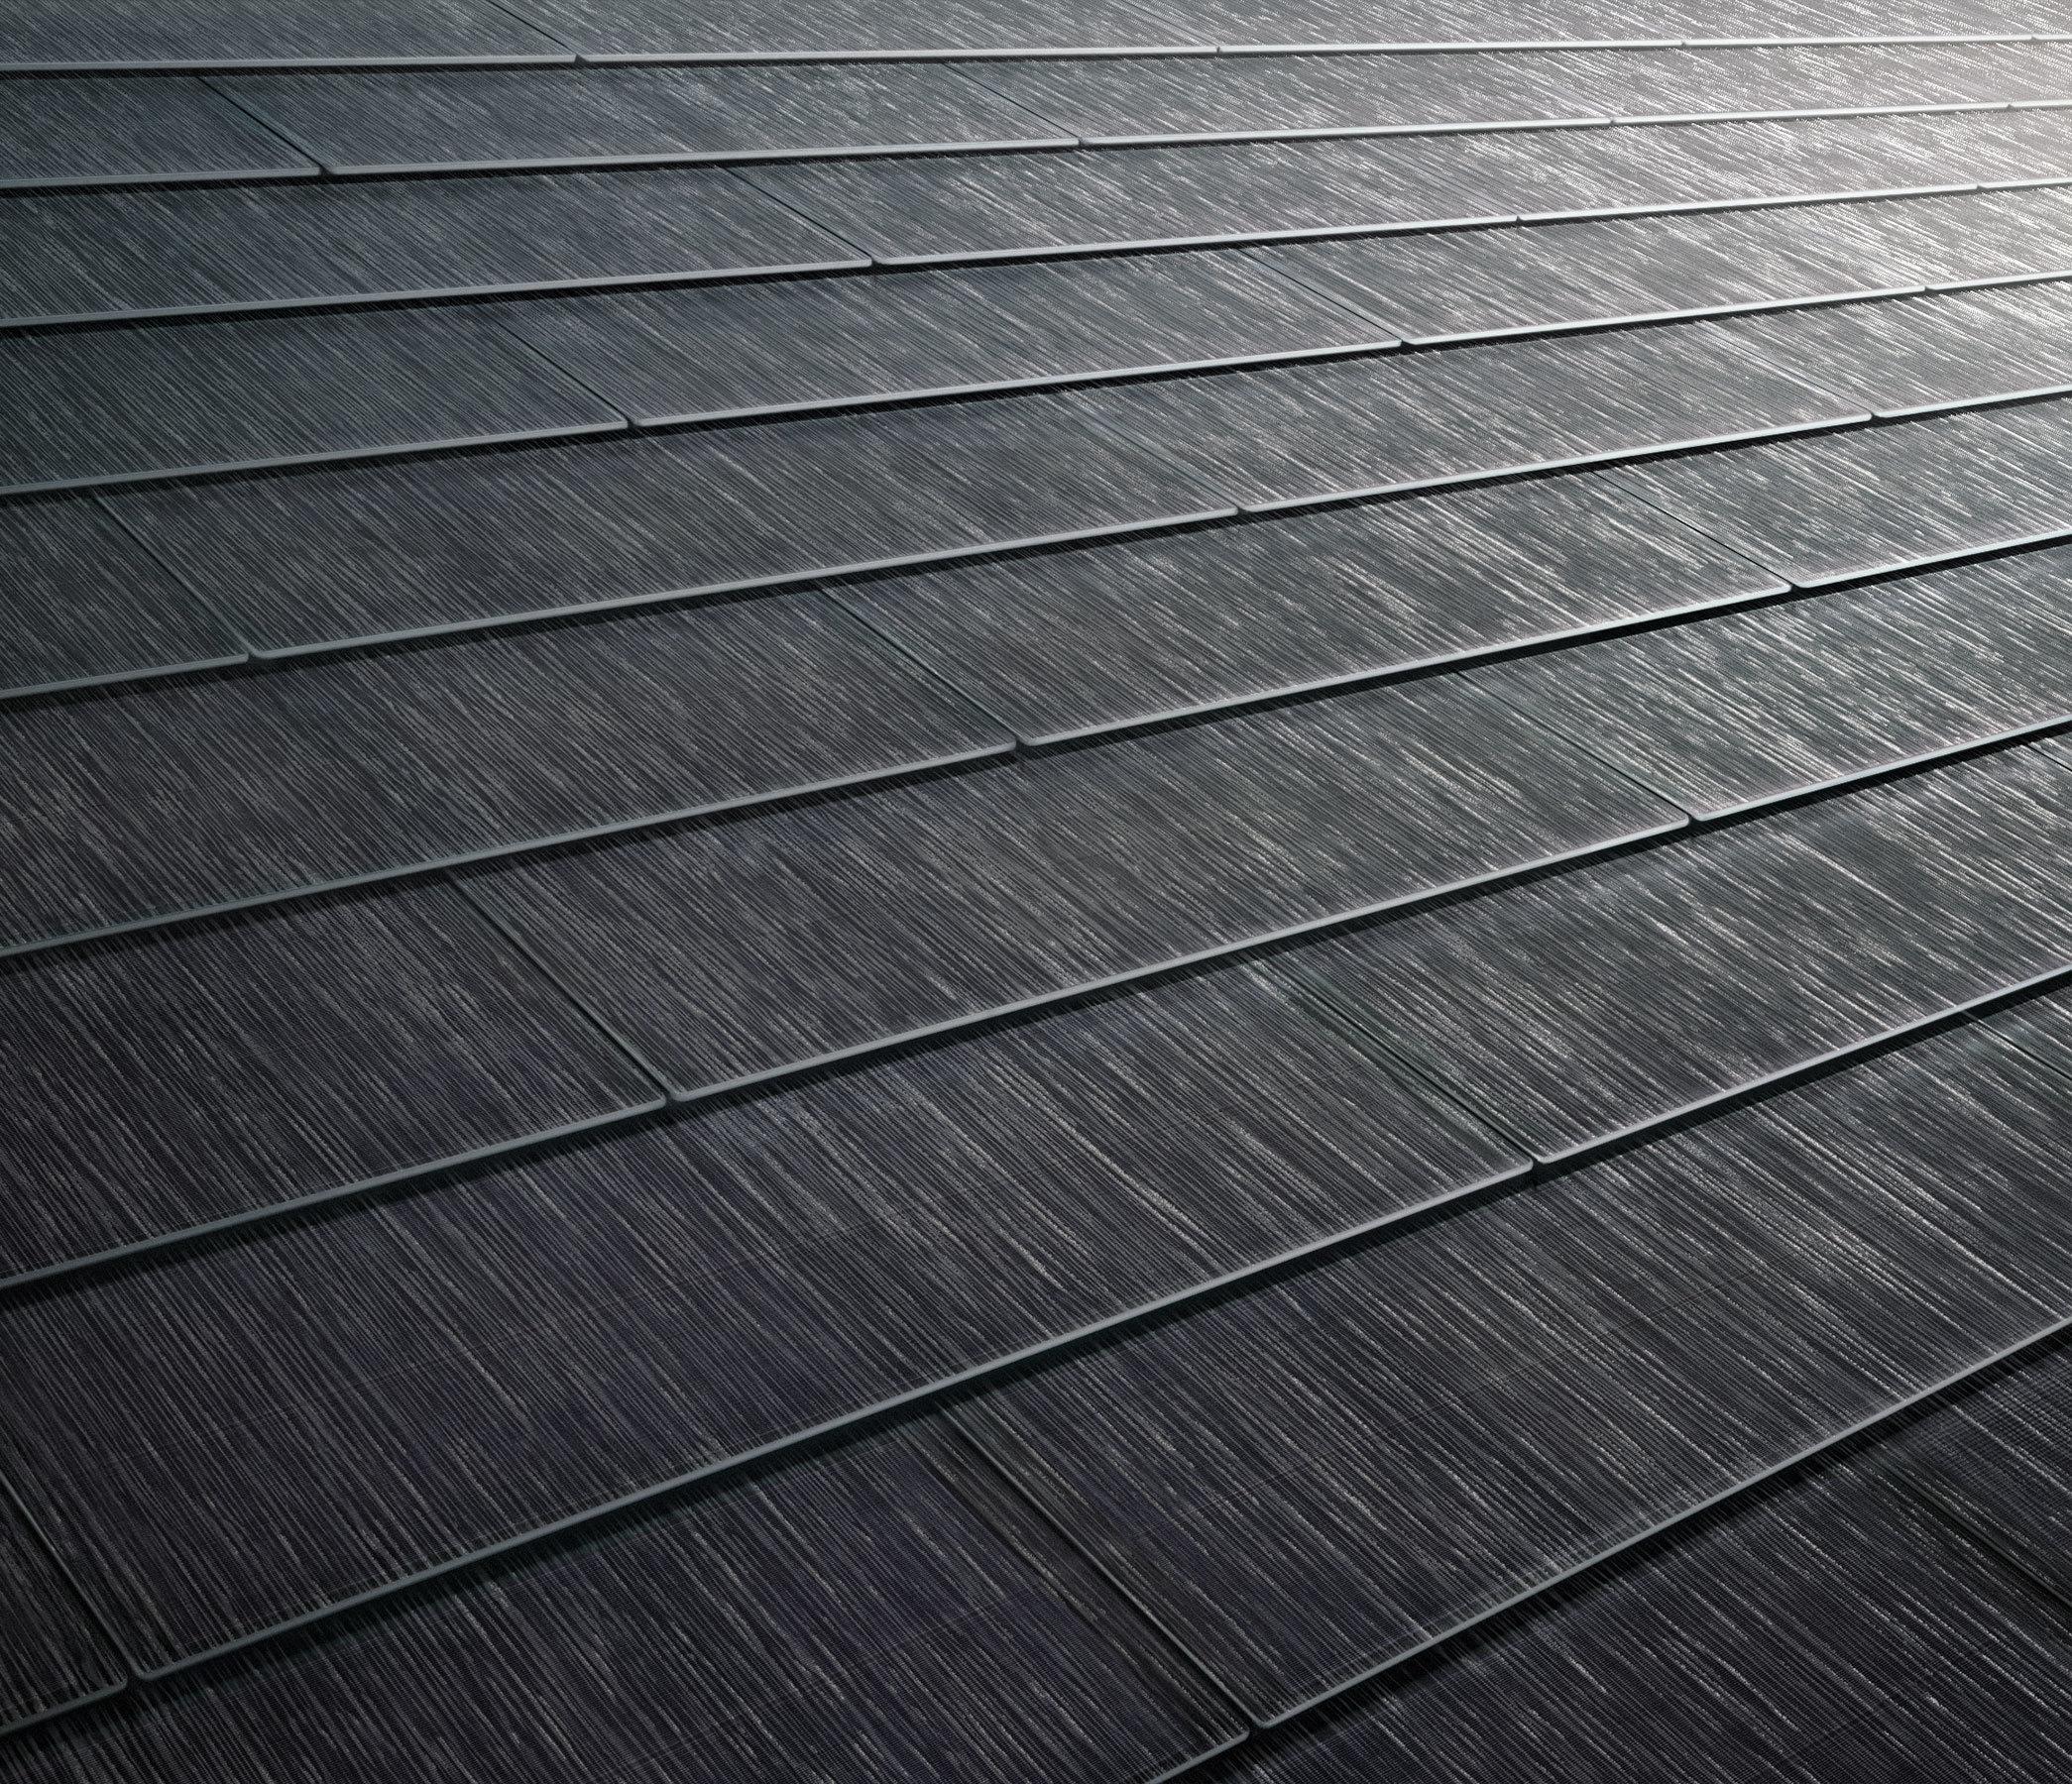 Solarpanel oder Dachziegel? Das Solar Roof ist beides.